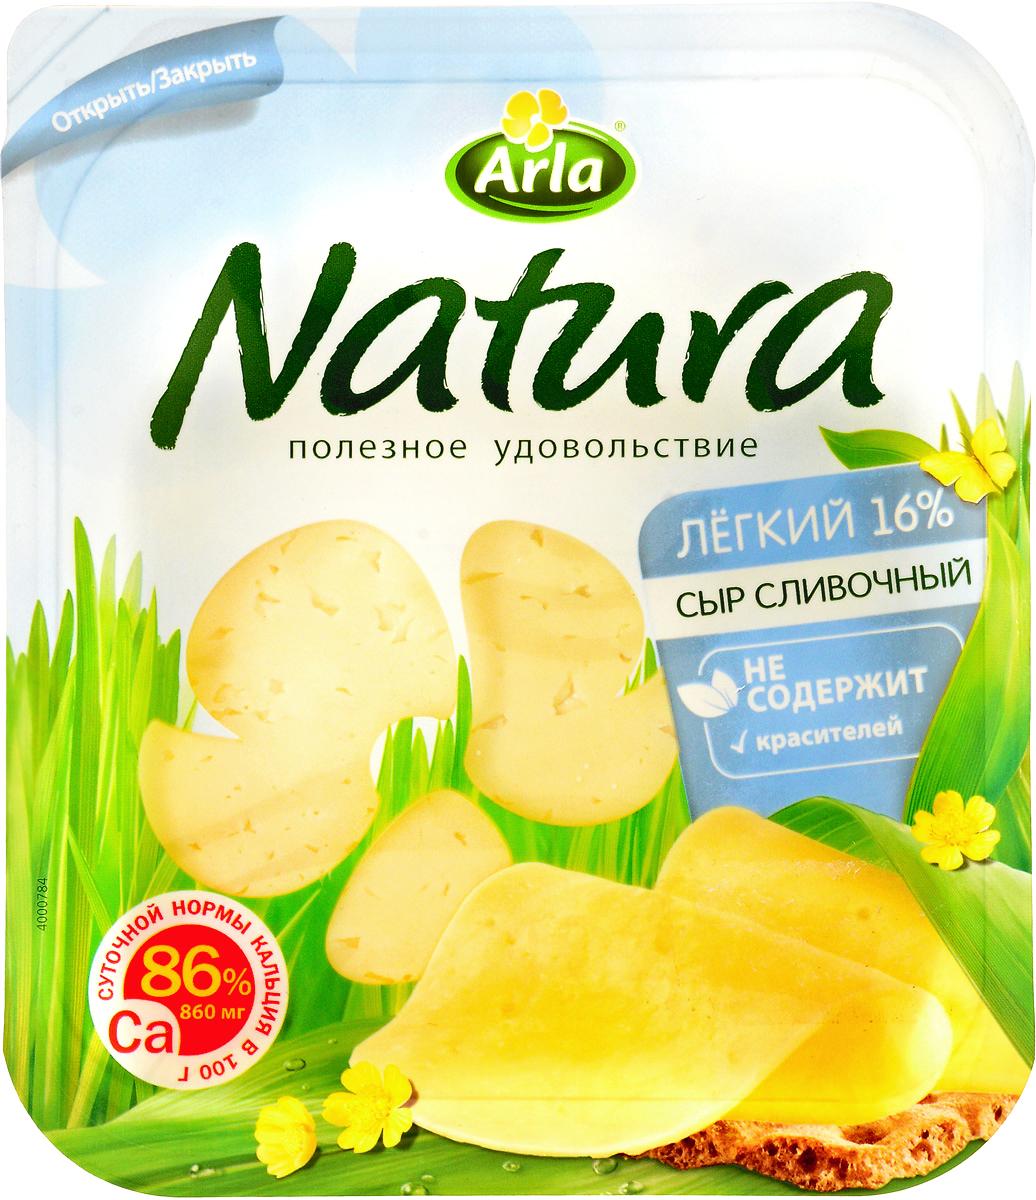 Arla Natura Сыр Cливочный Легкий 16%, нарезка, 150 г